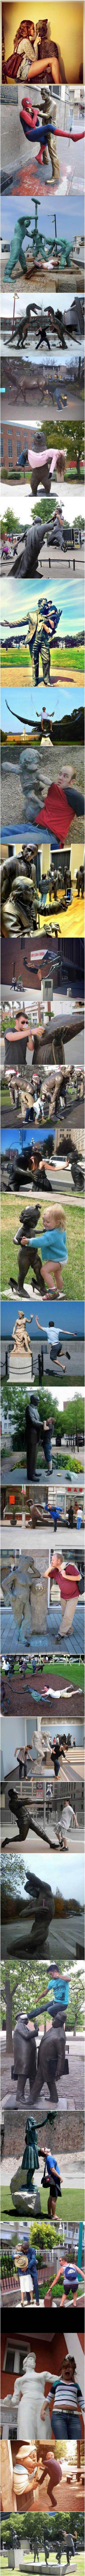 Spaß mit Statuen | Webfail - Fail Bilder und Fail Videos